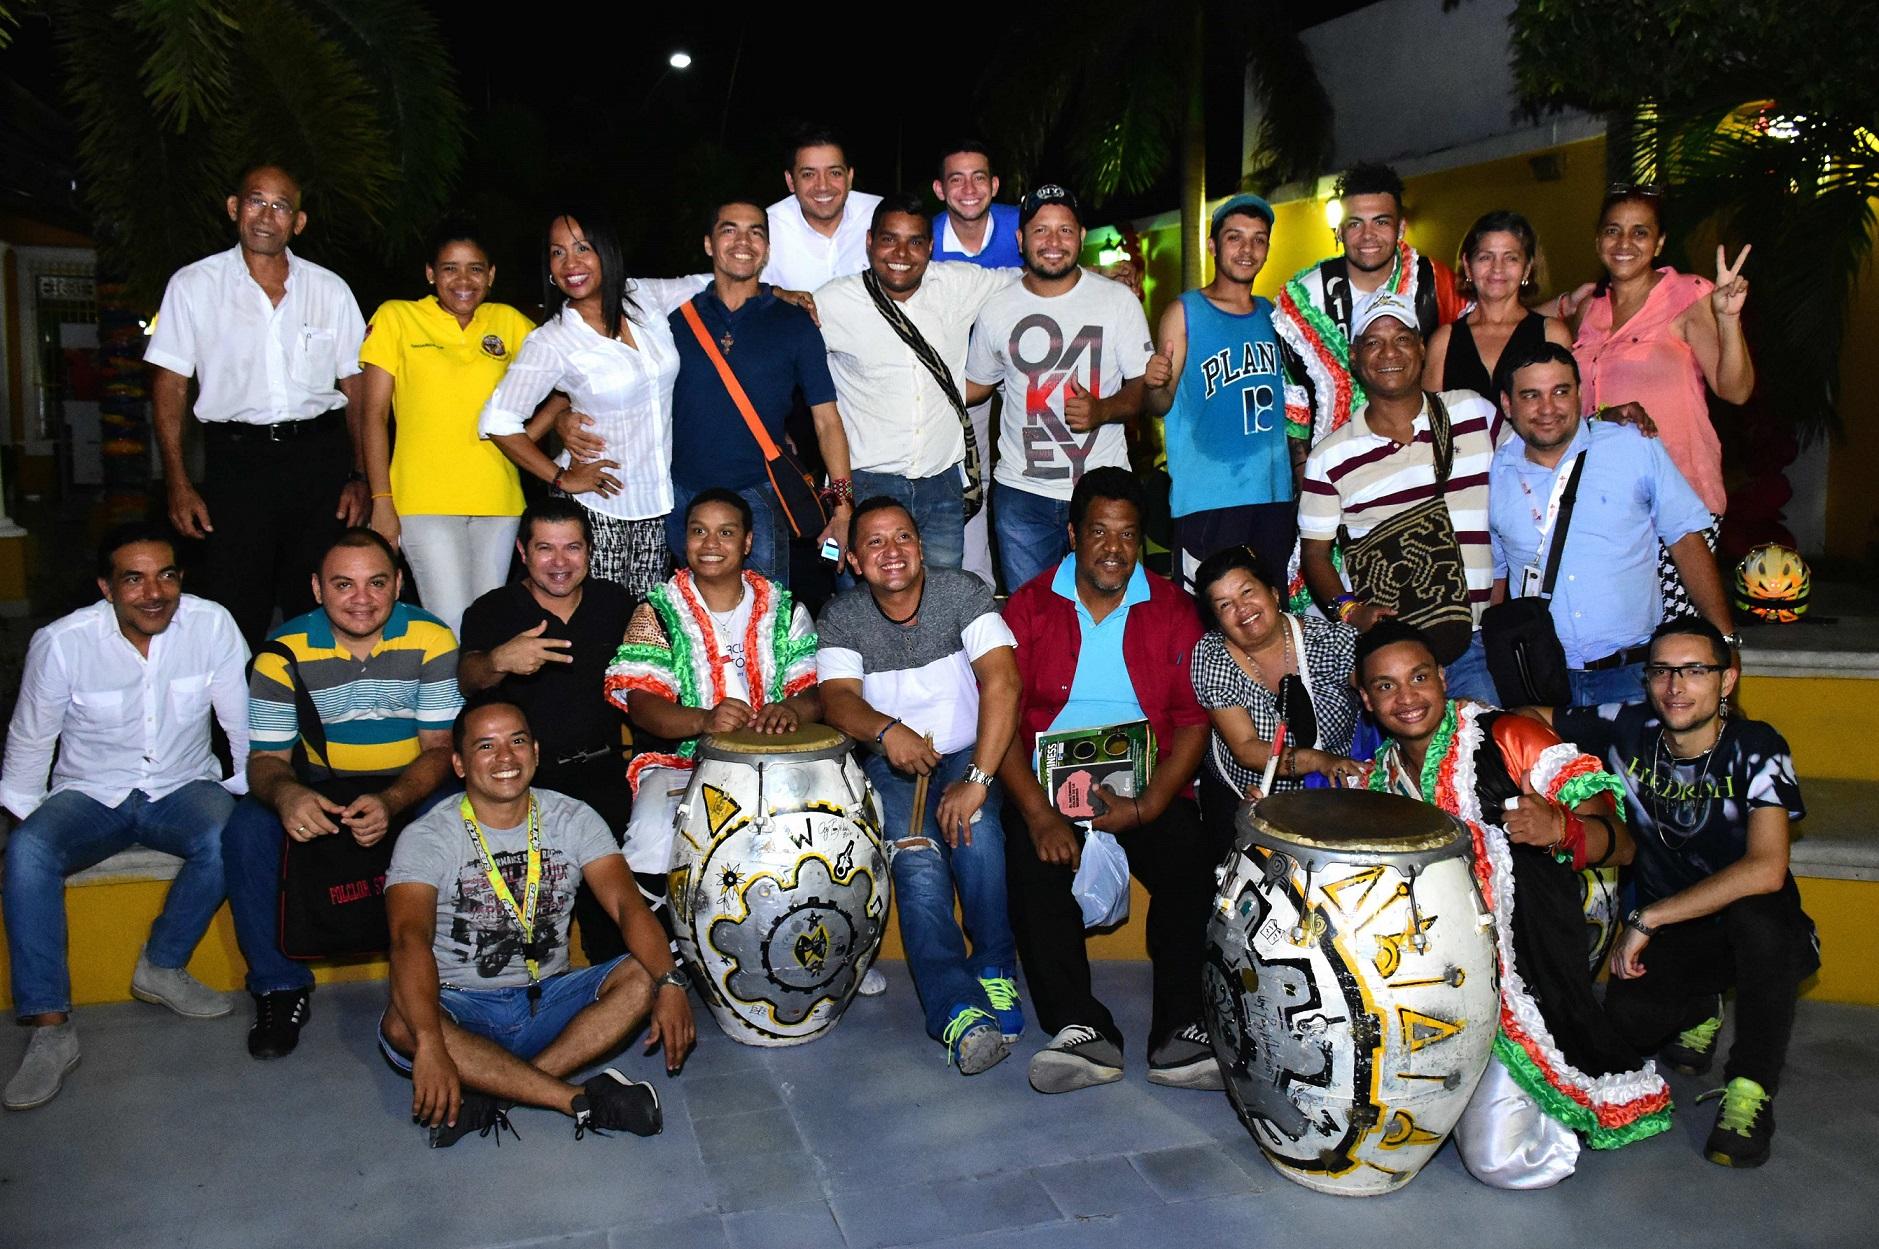 Gran intercambio cultural entre el Carnaval de Barranquilla y las tradiciones de Uruguay